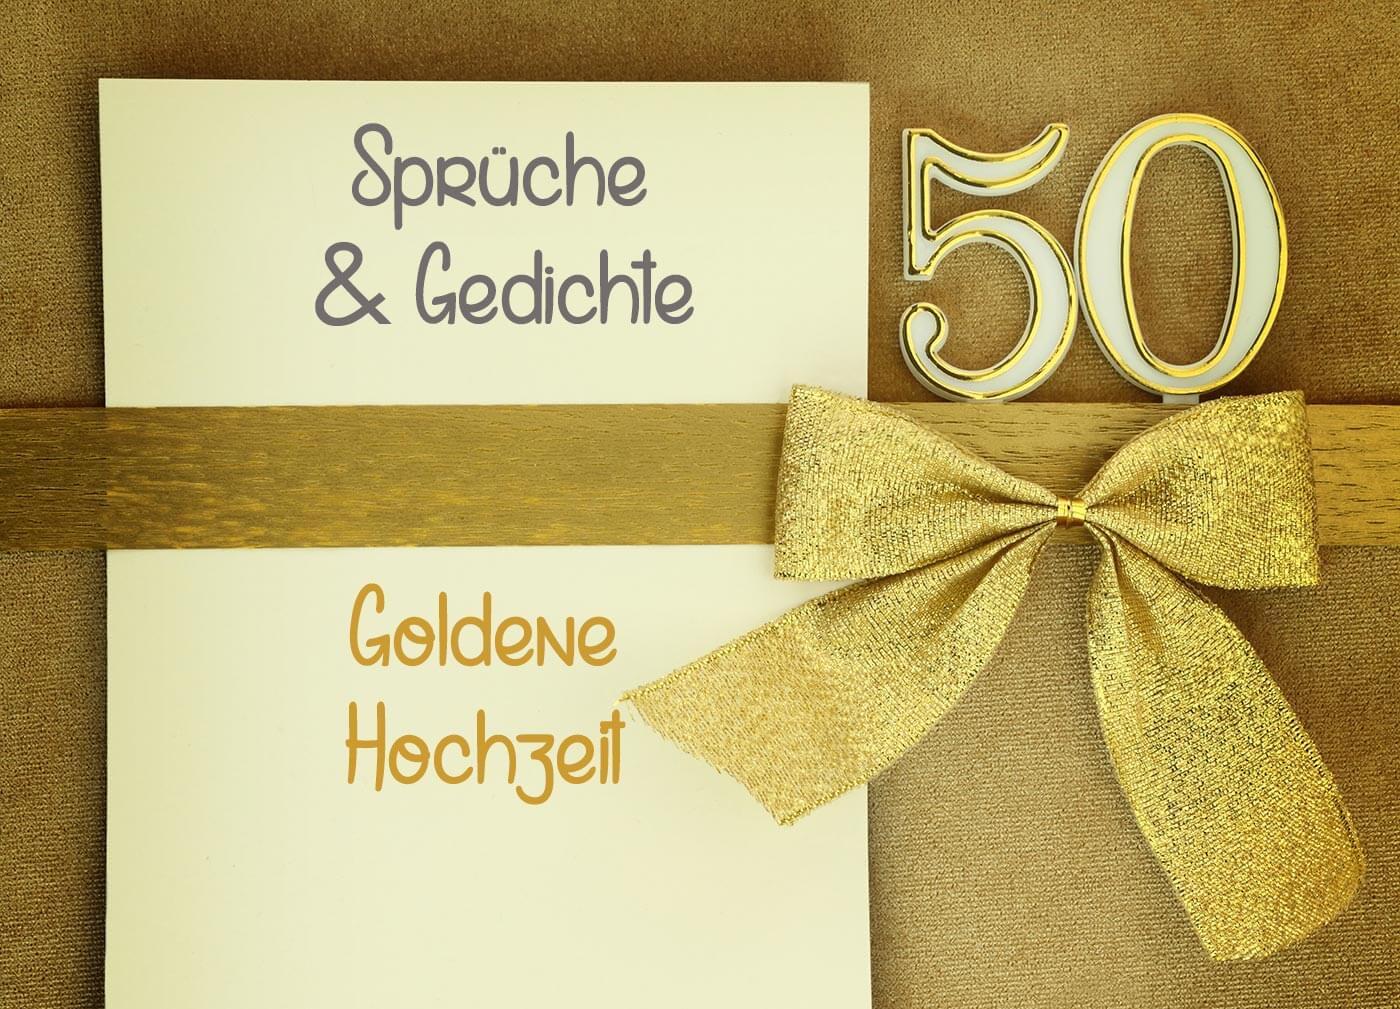 Hochzeit Sprüche  Sprüche zur Goldenen Hochzeit Zitate Gedichte